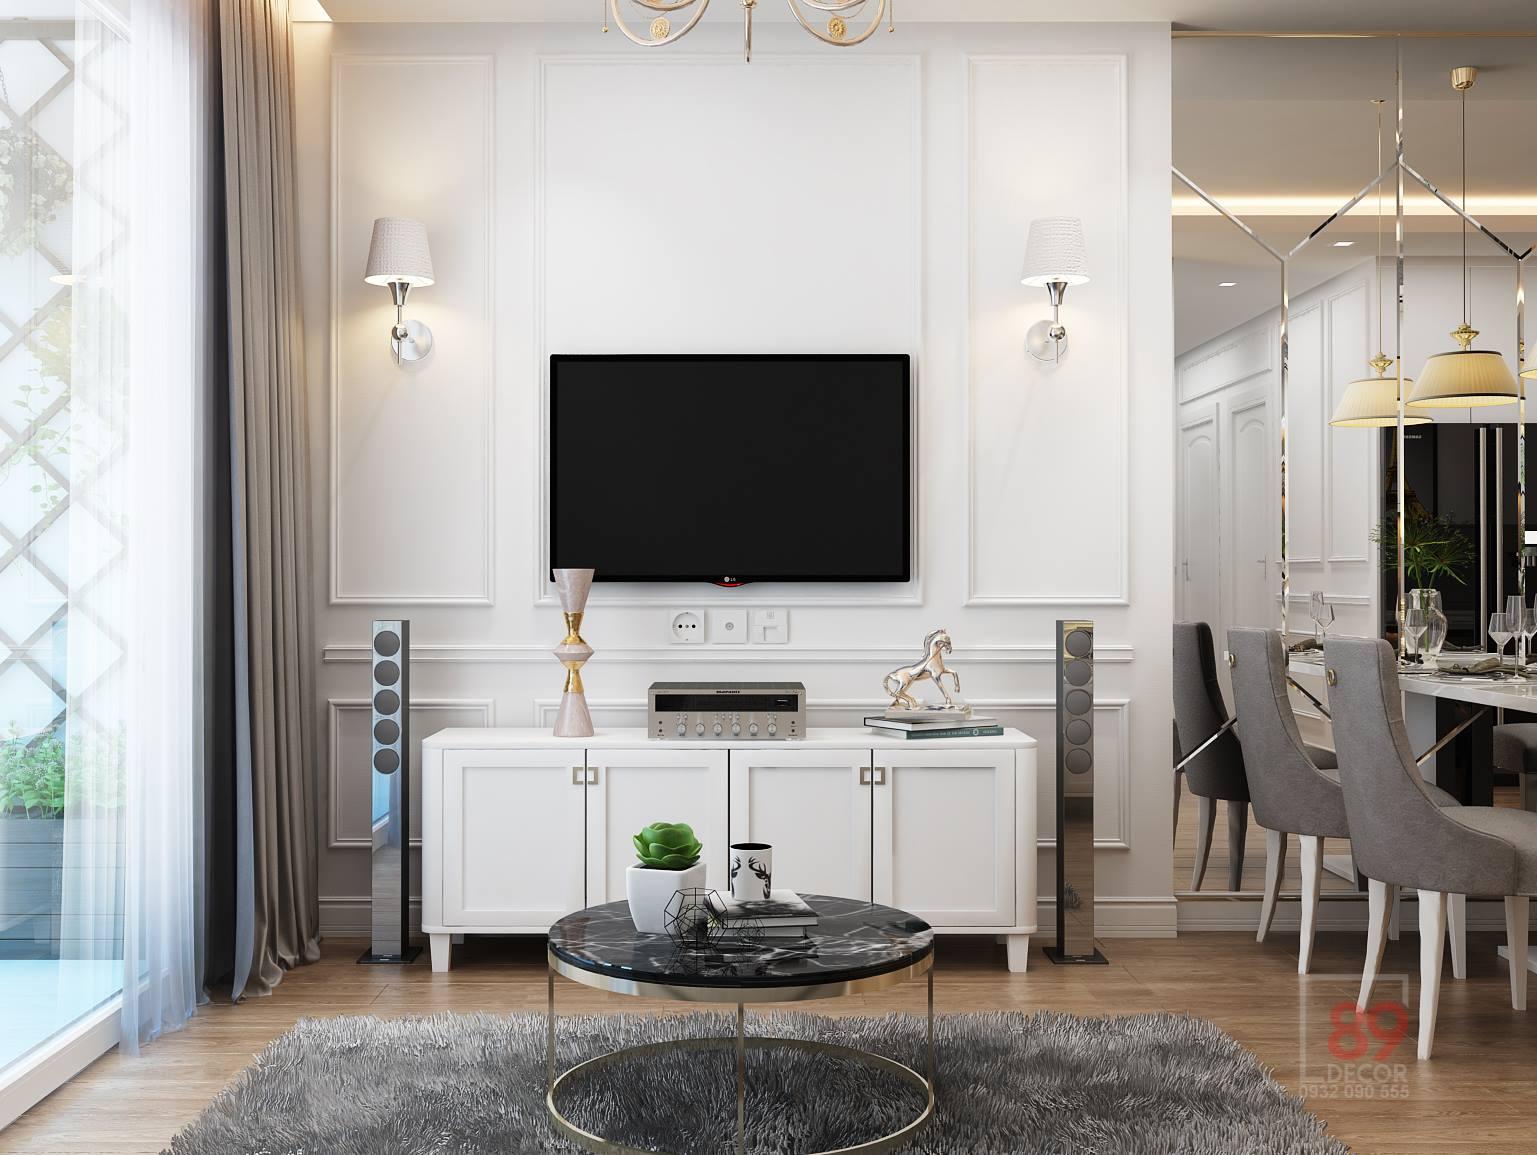 Thiết kế nội thất cho ngôi nhà ít kinh phí